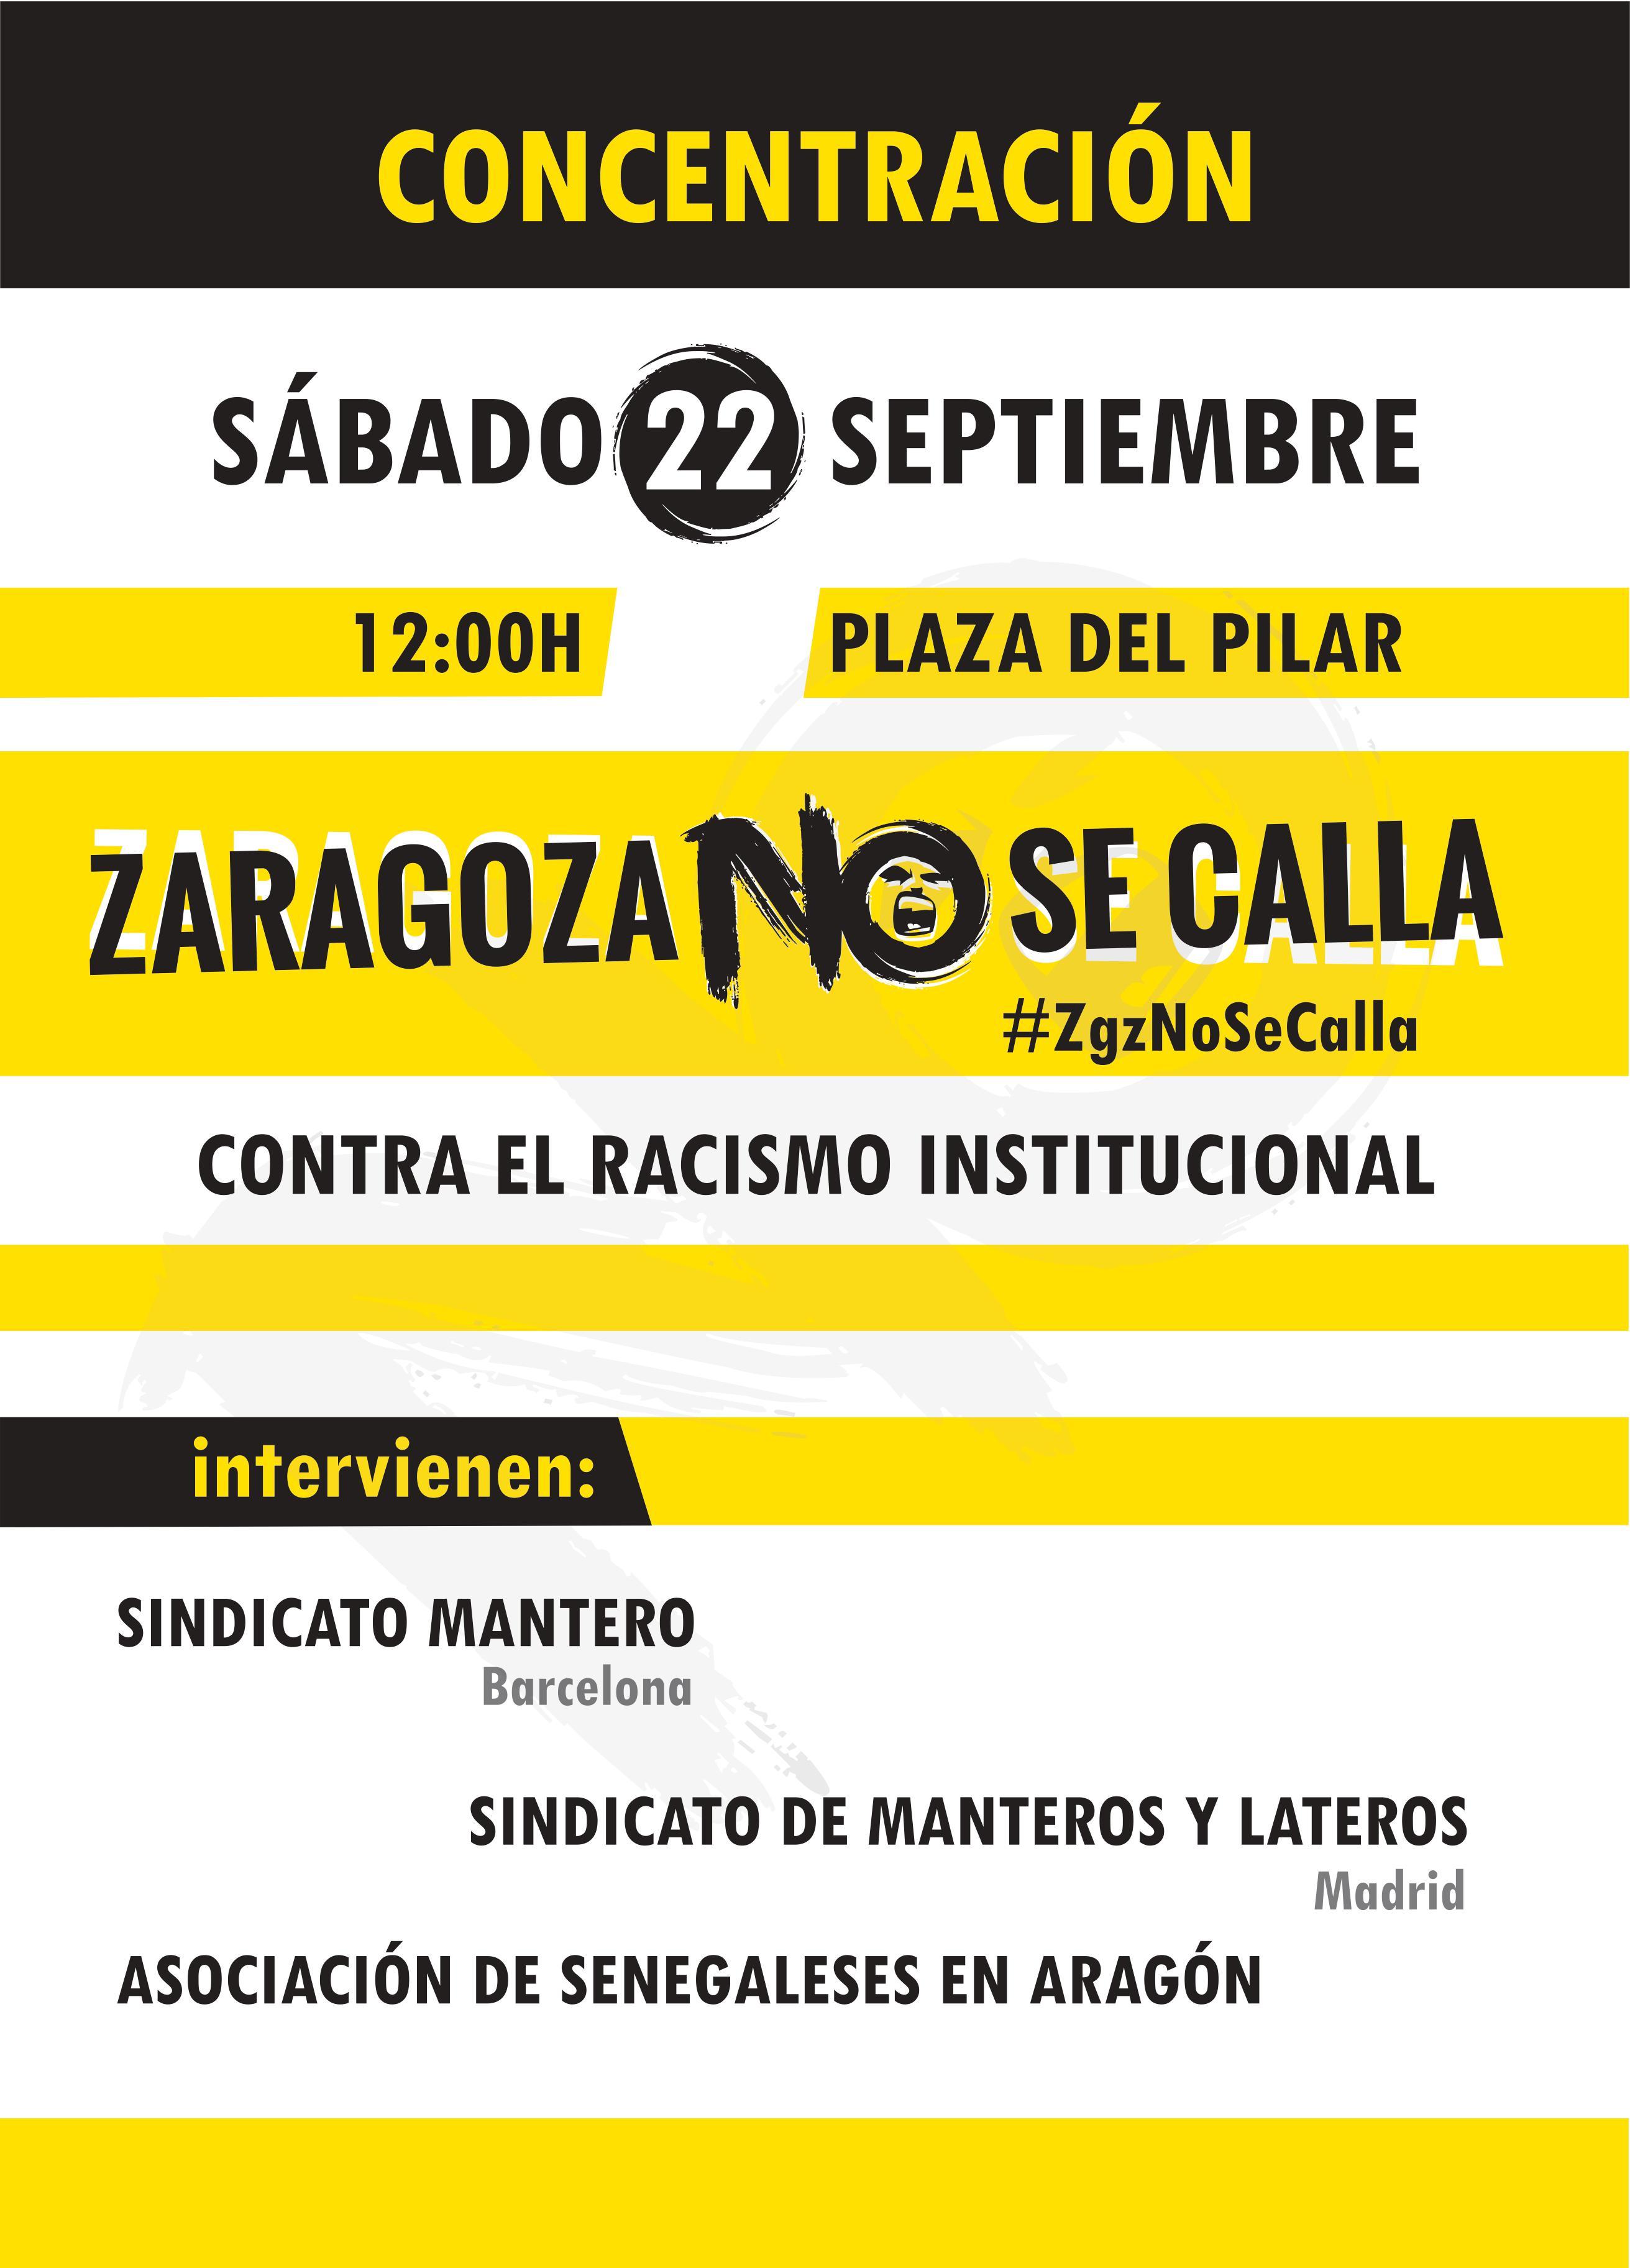 Para el 22 de Septiembre, Concentración de protesta. 12 h. Plaza del Pilar. Contra el racismo institucional